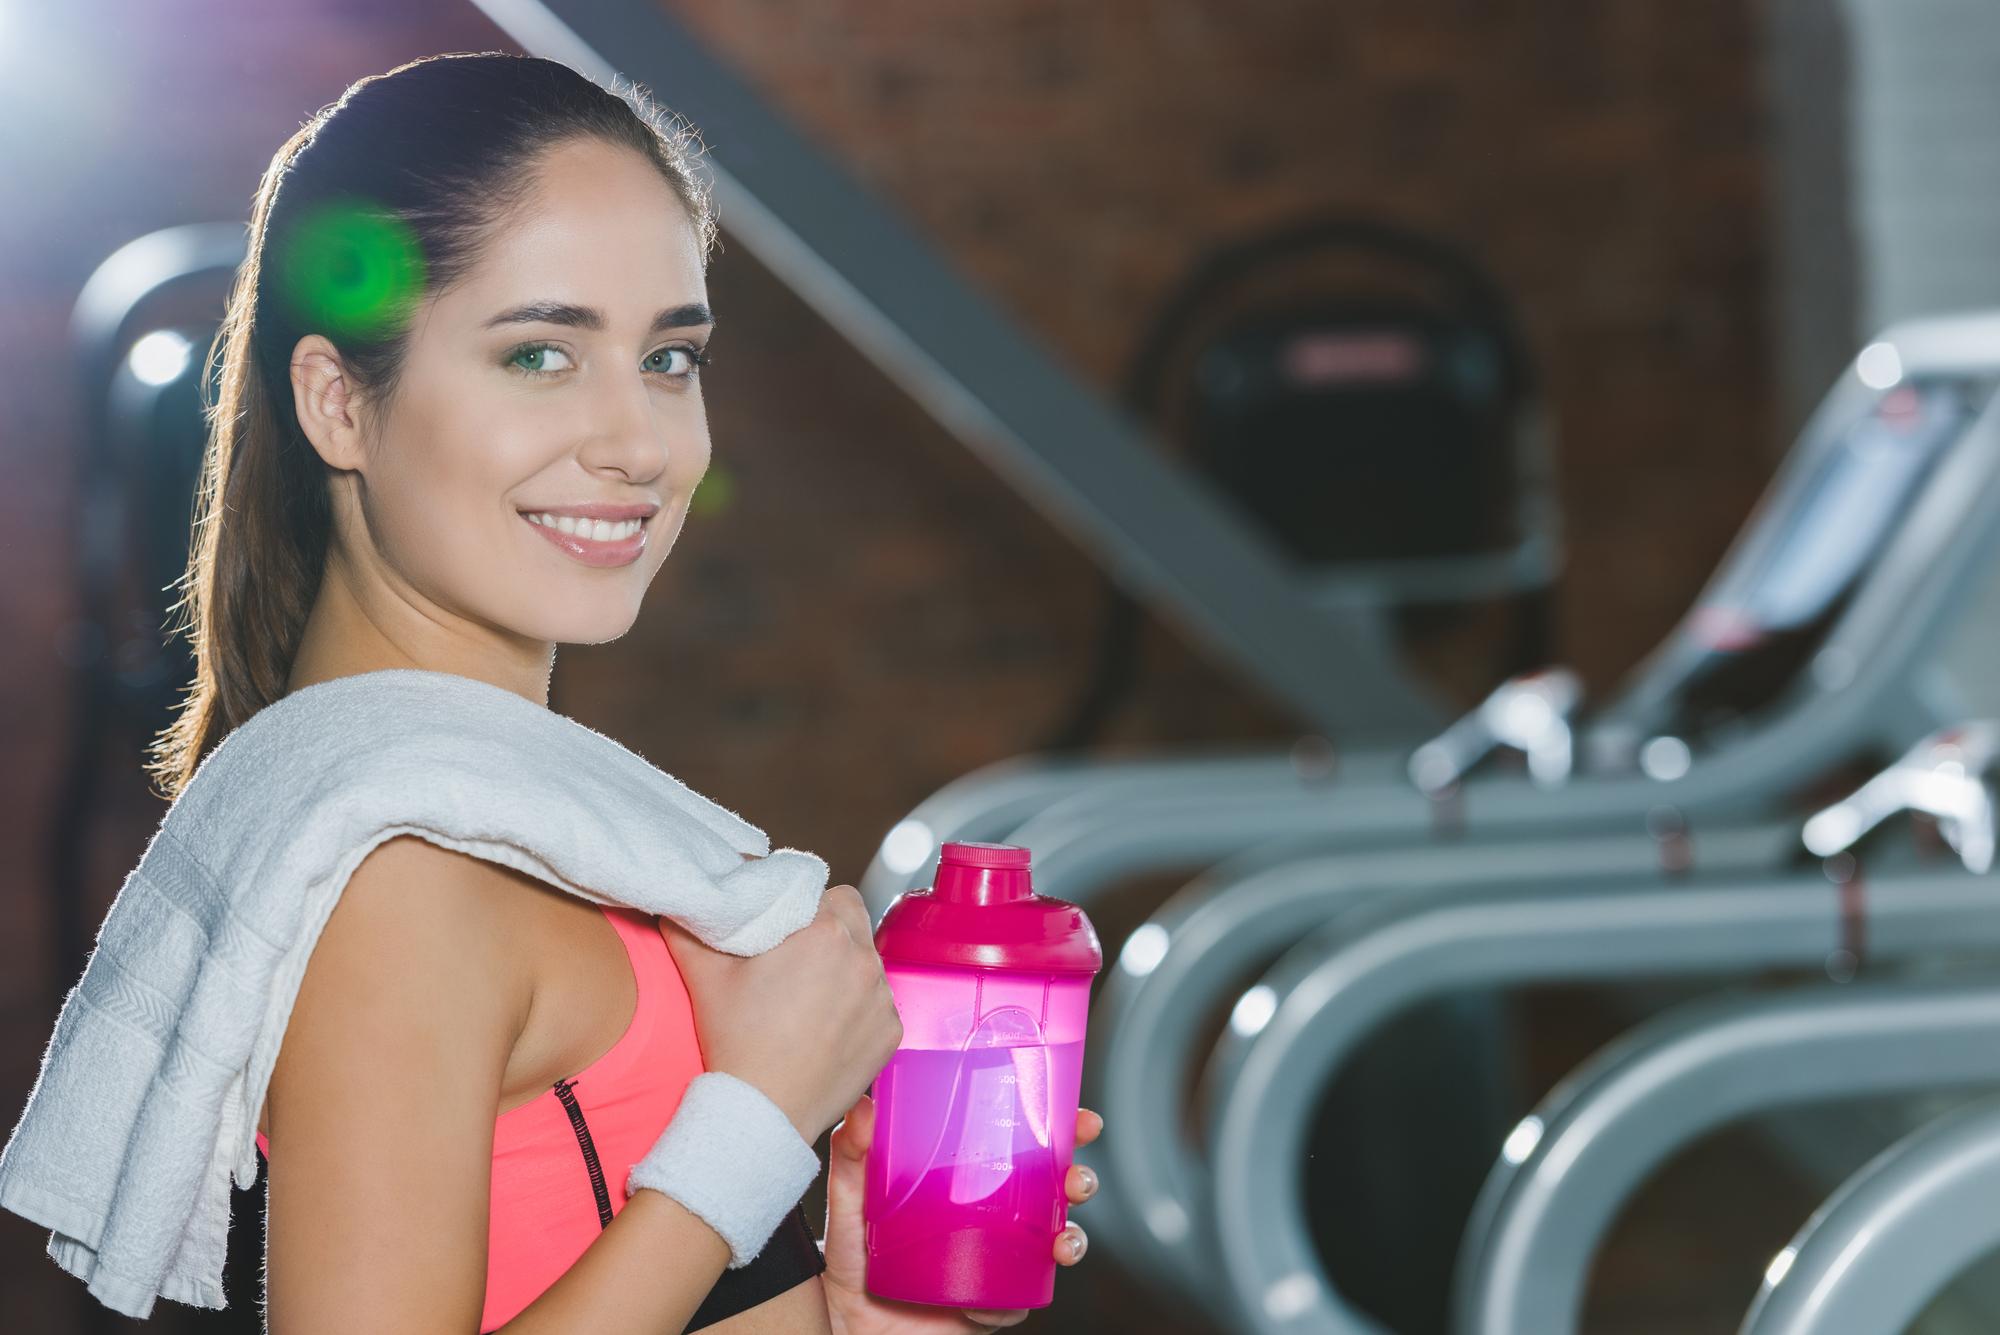 Способы похудения, которые не работают